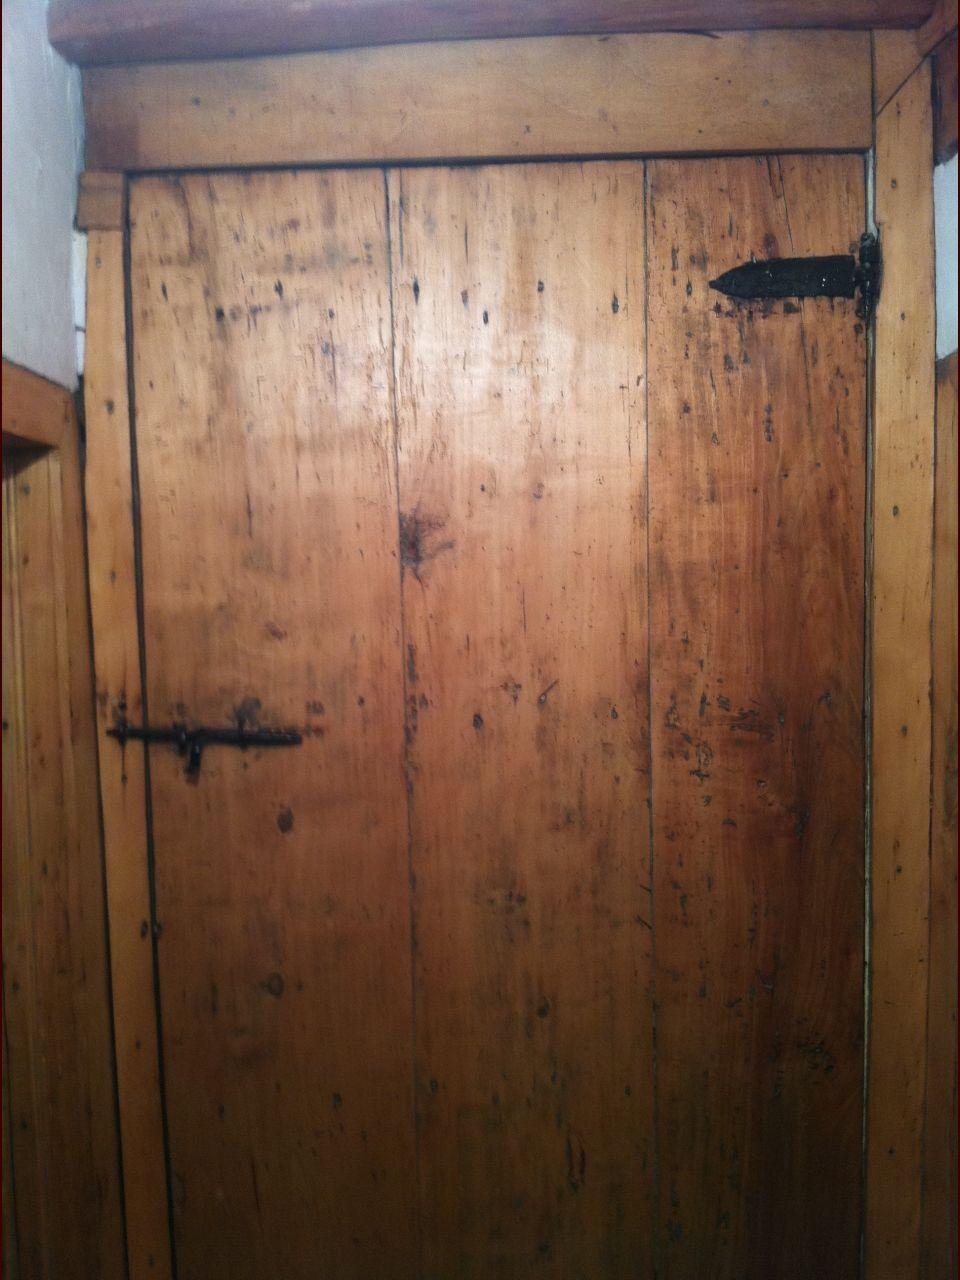 3 vieilles portes comme celle-ci dans la maison